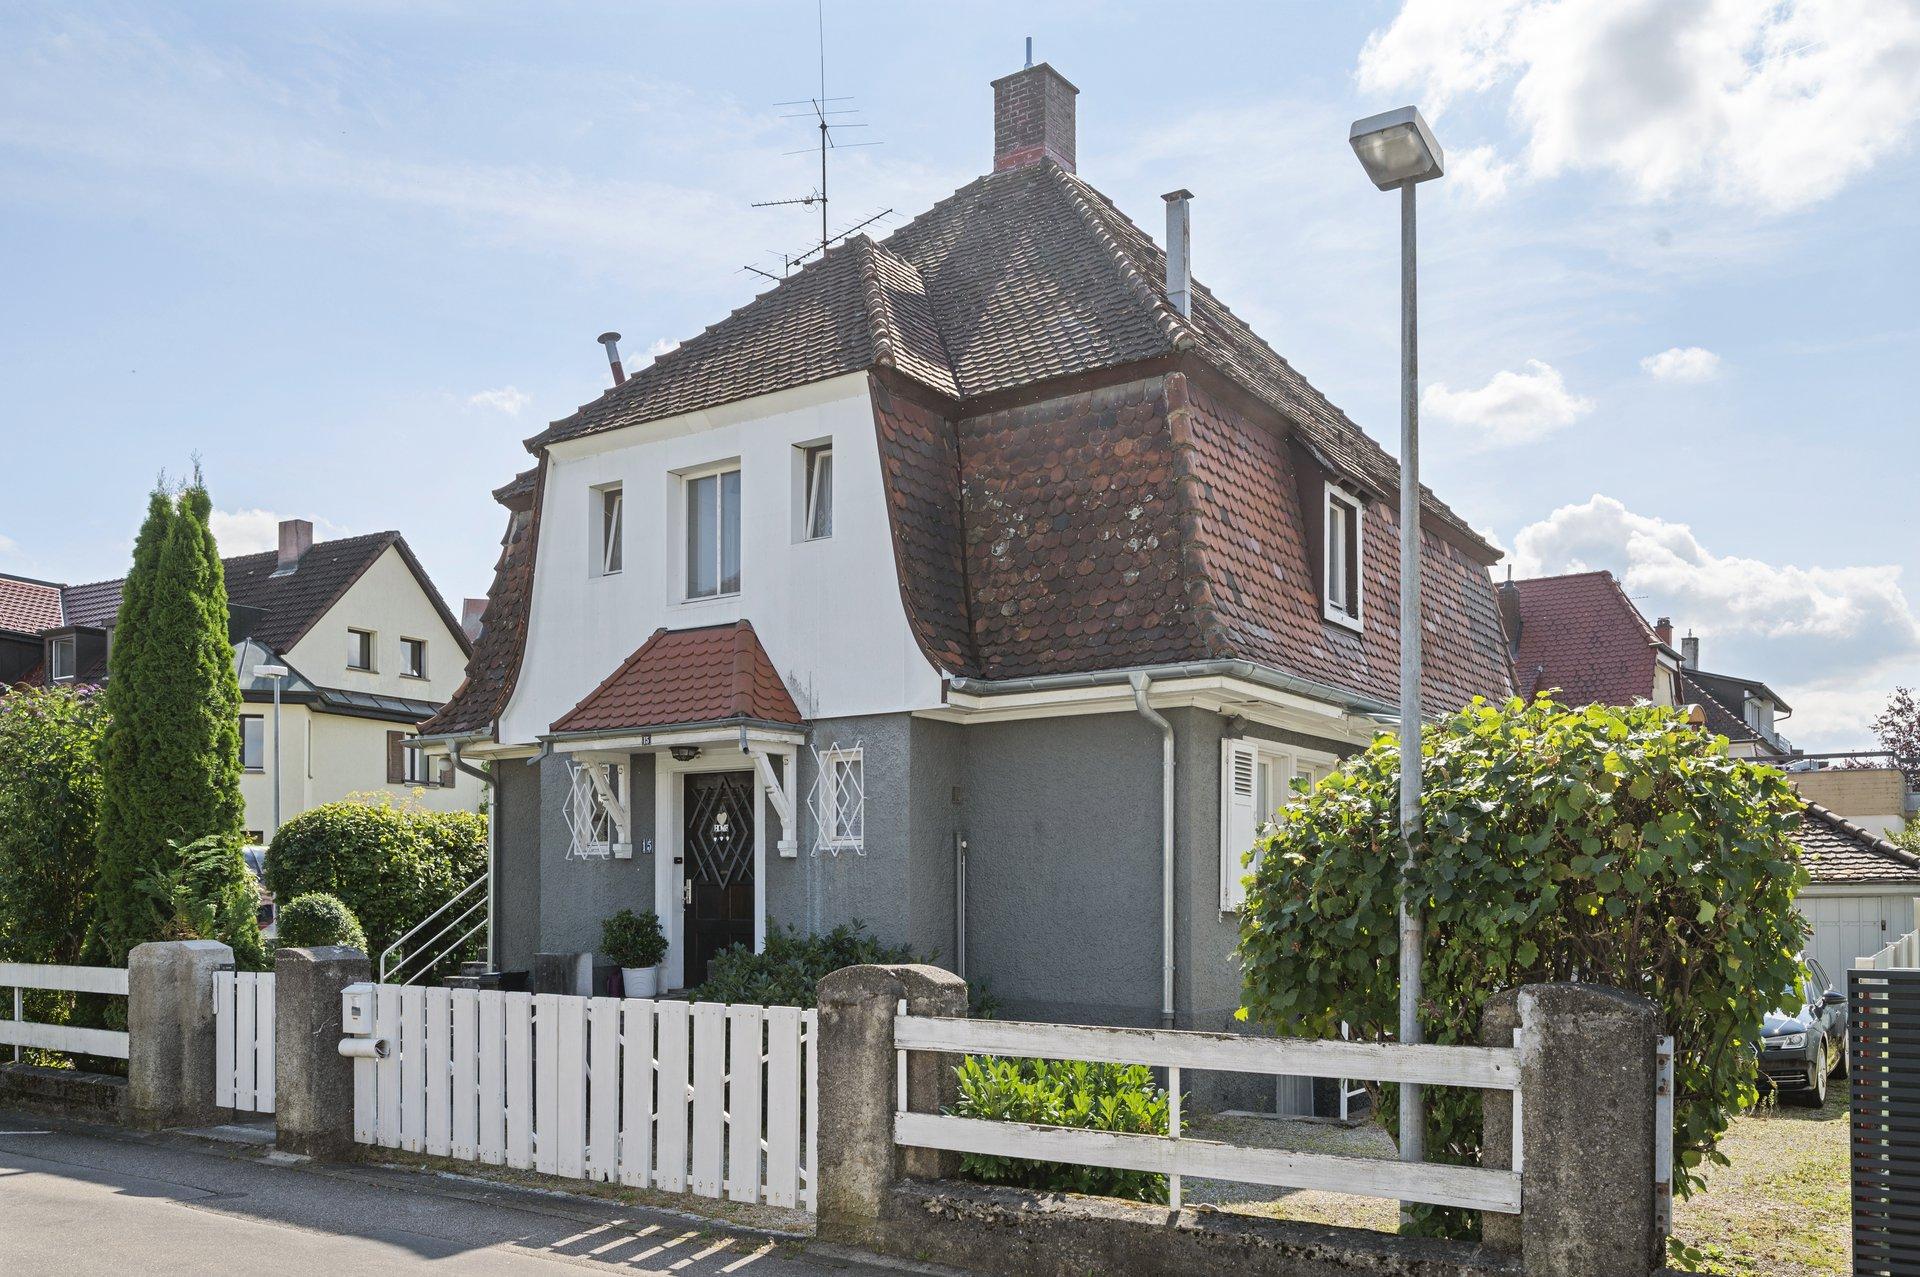 Charmante Stadtvilla mit schönem Grundstück in ruhiger Citylage in Rheinfelden